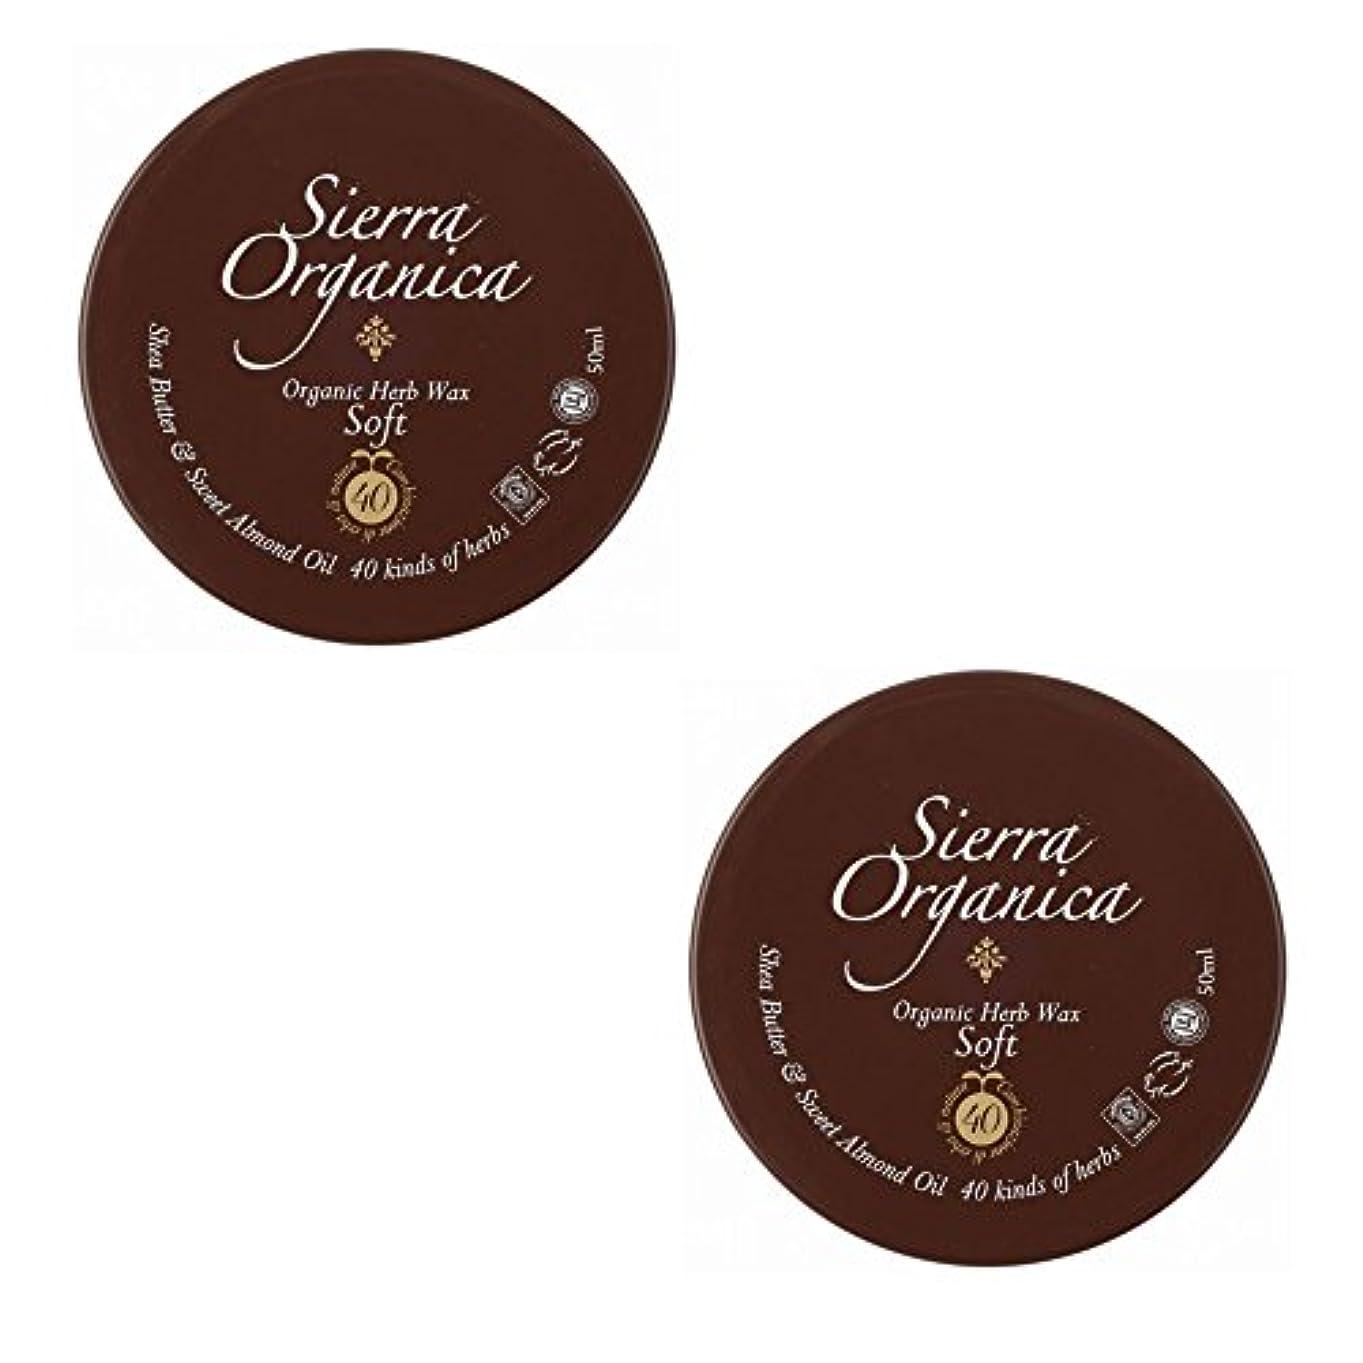 階段酸化する生産性【2個セット】シエラオーガニカ S&S オーガニックハーブワックス ソフト50ml